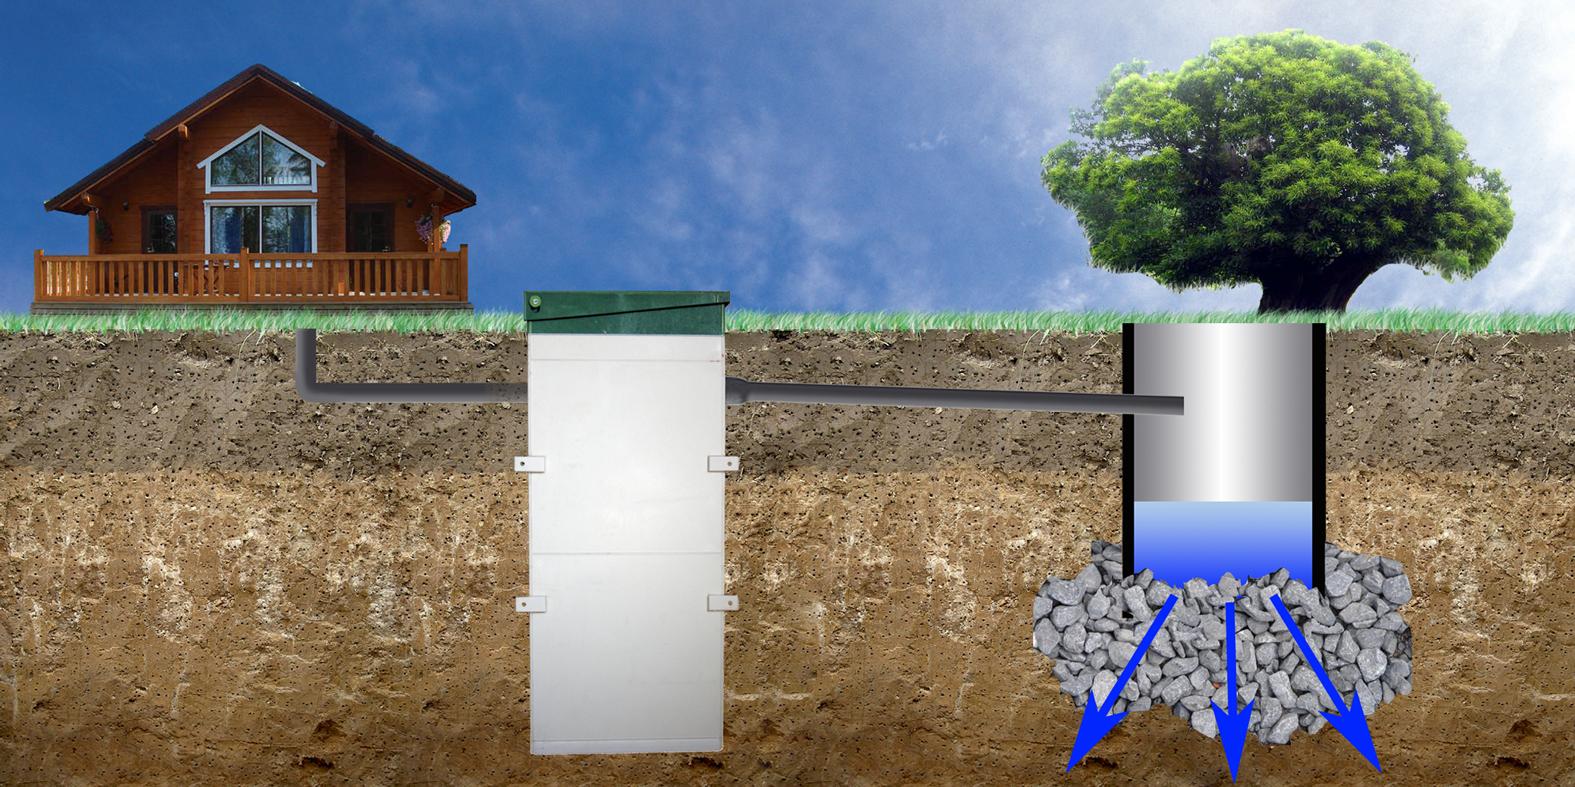 Технологический процесс стандартного фильтрующего сооружения